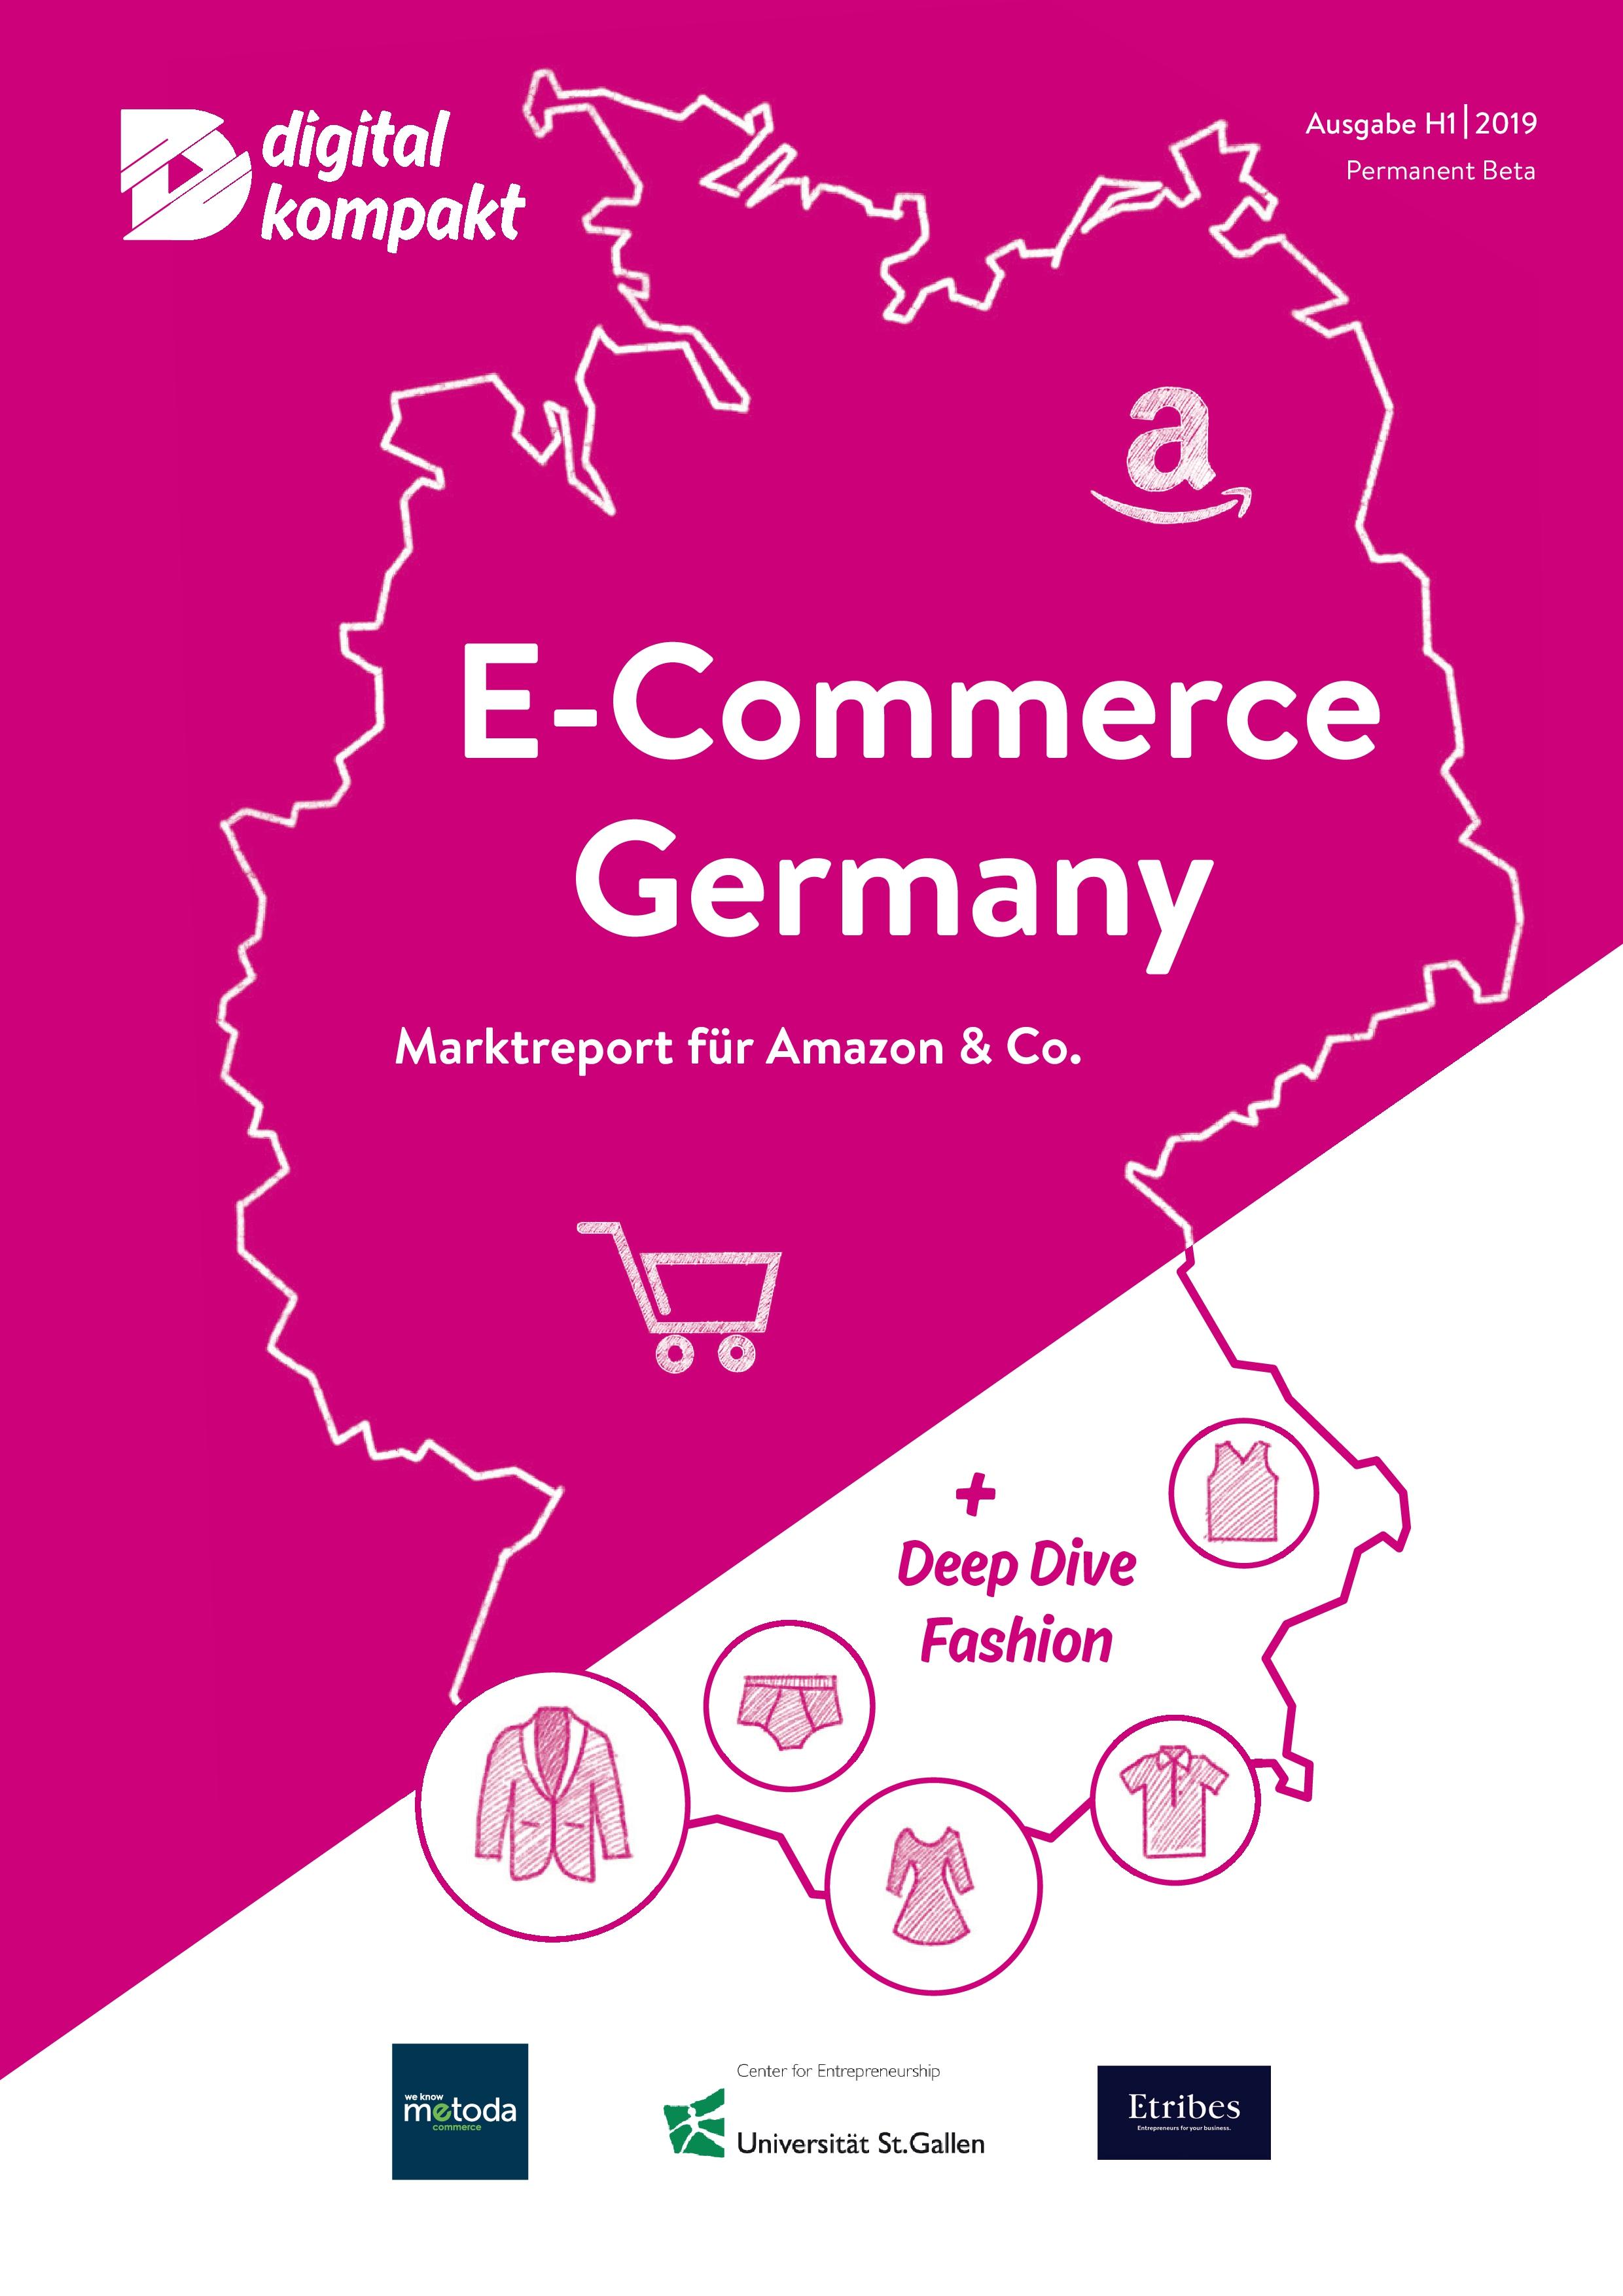 E-Commerce Germany Report liefert neue Zahlen zur realen Marktdominanz von Amazon in Deutschland